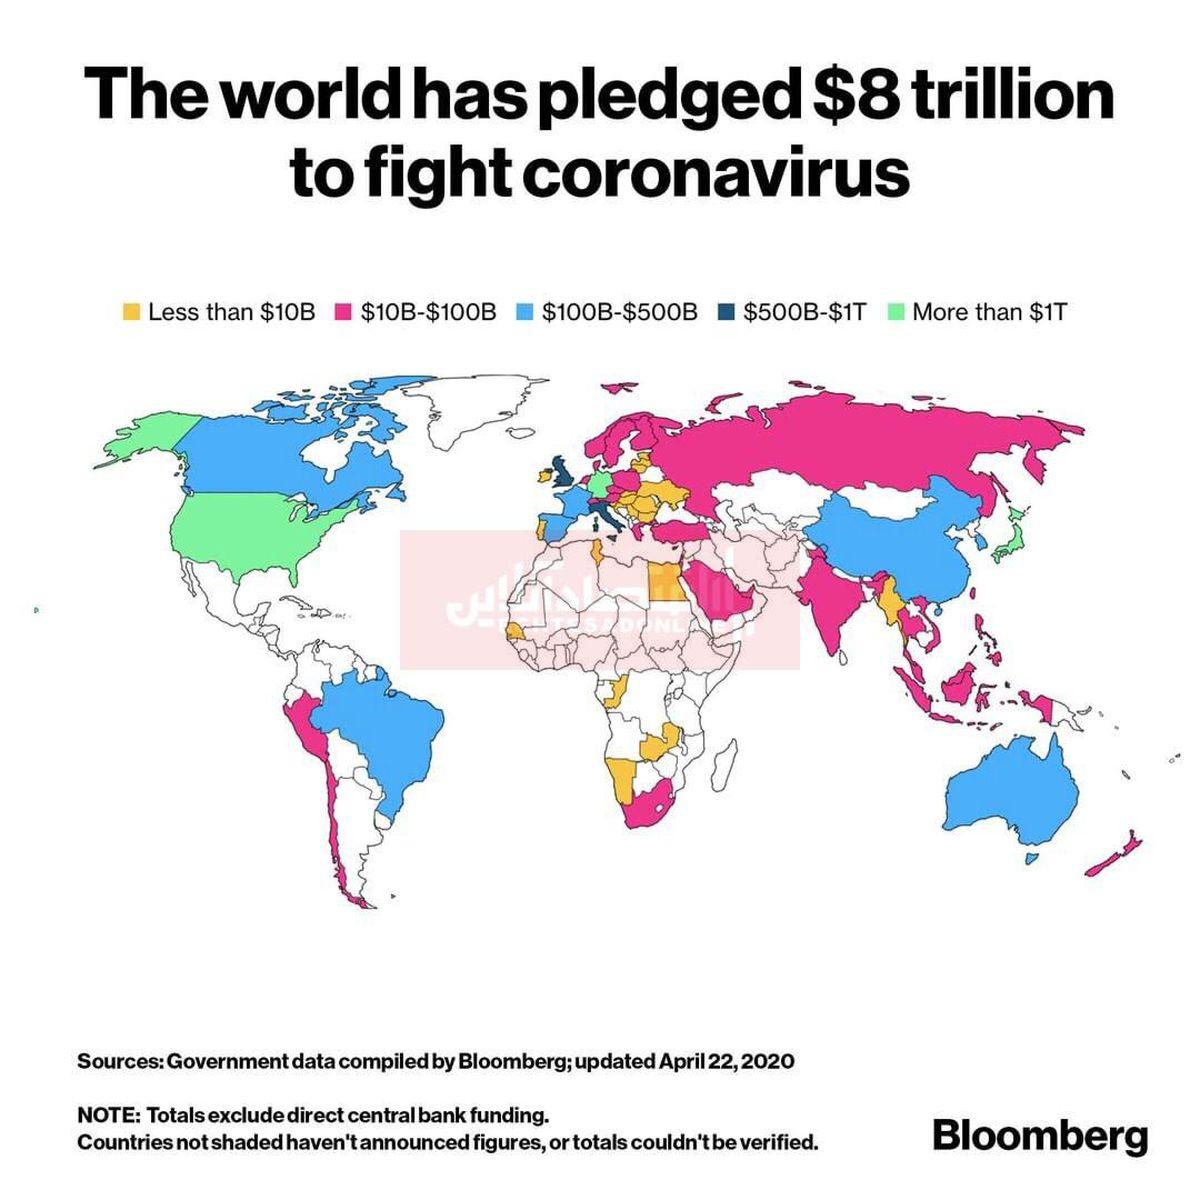 8تریلیون دلار هم برای مبارزه با کرونا کافی نبود؟!